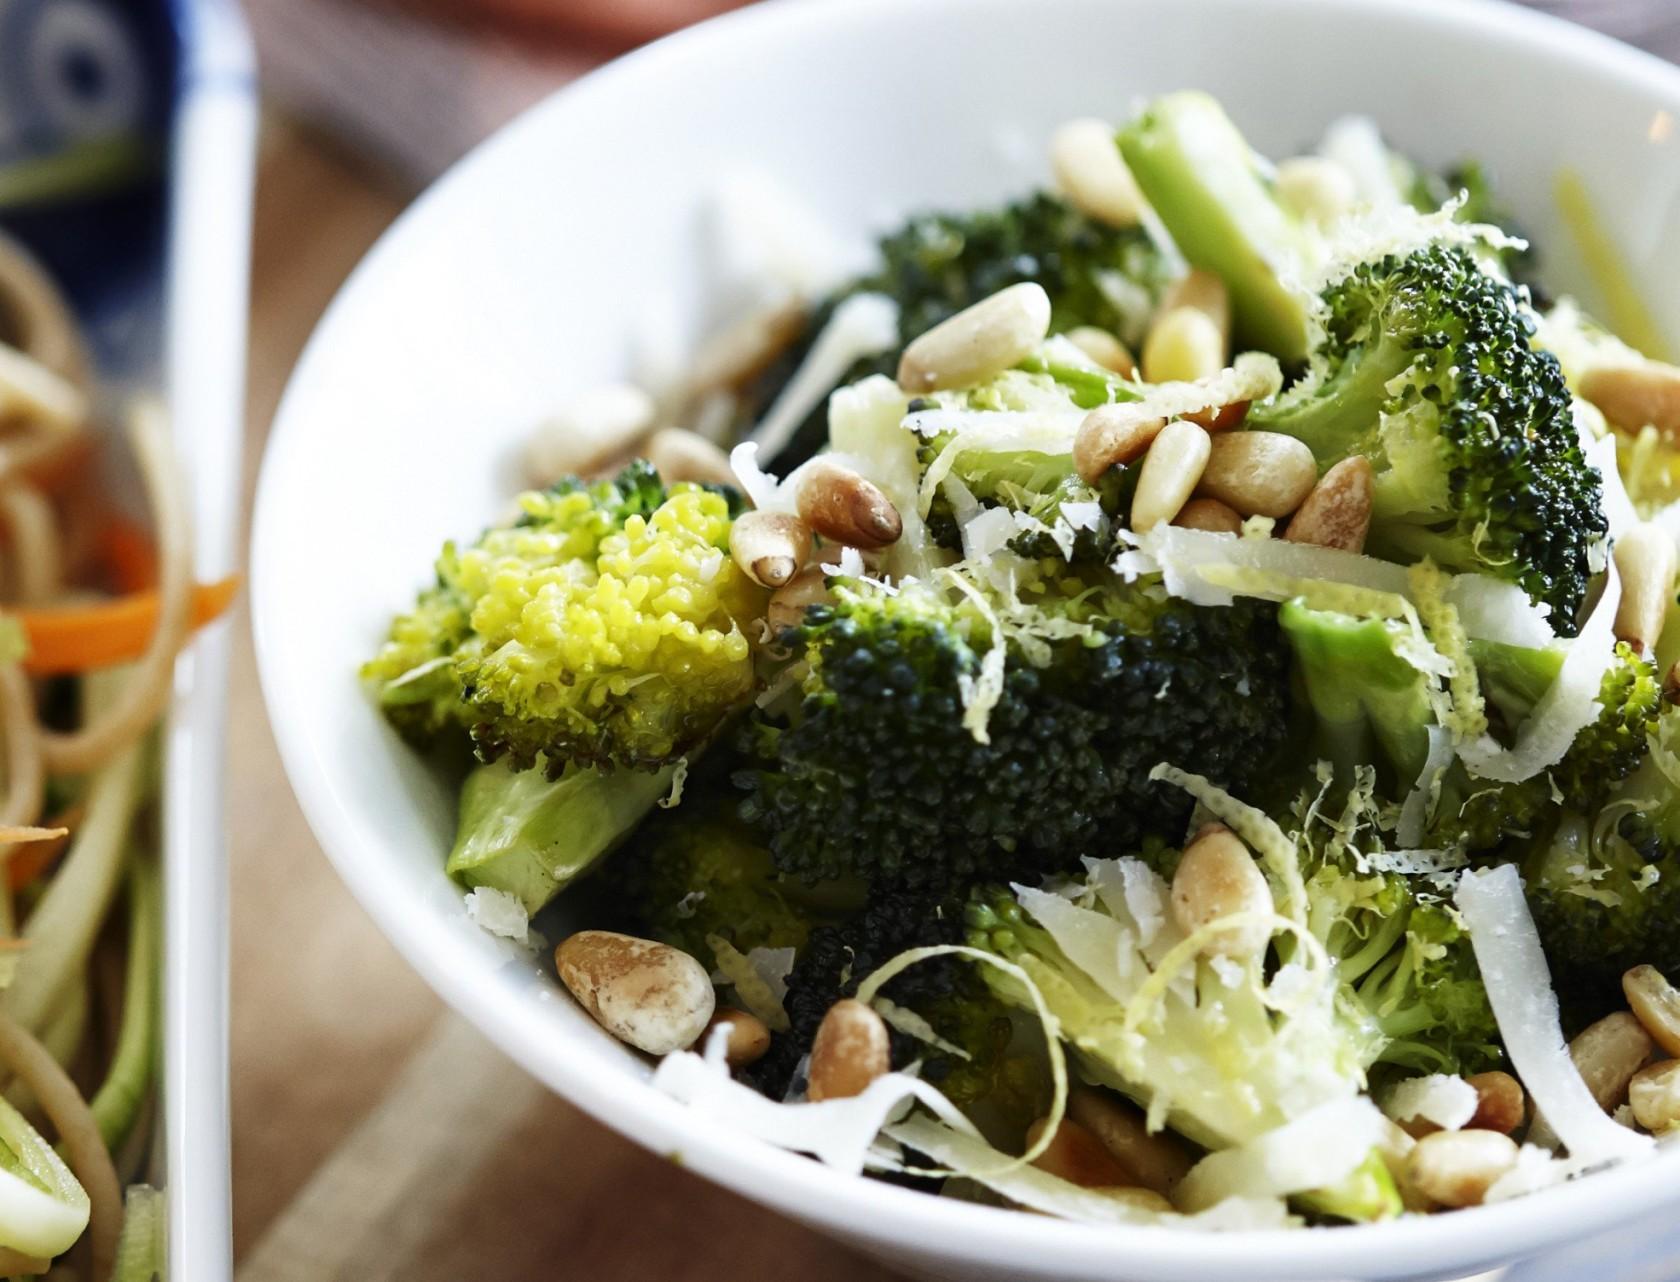 Ristet broccoli - sundt og lækkert tilbehør